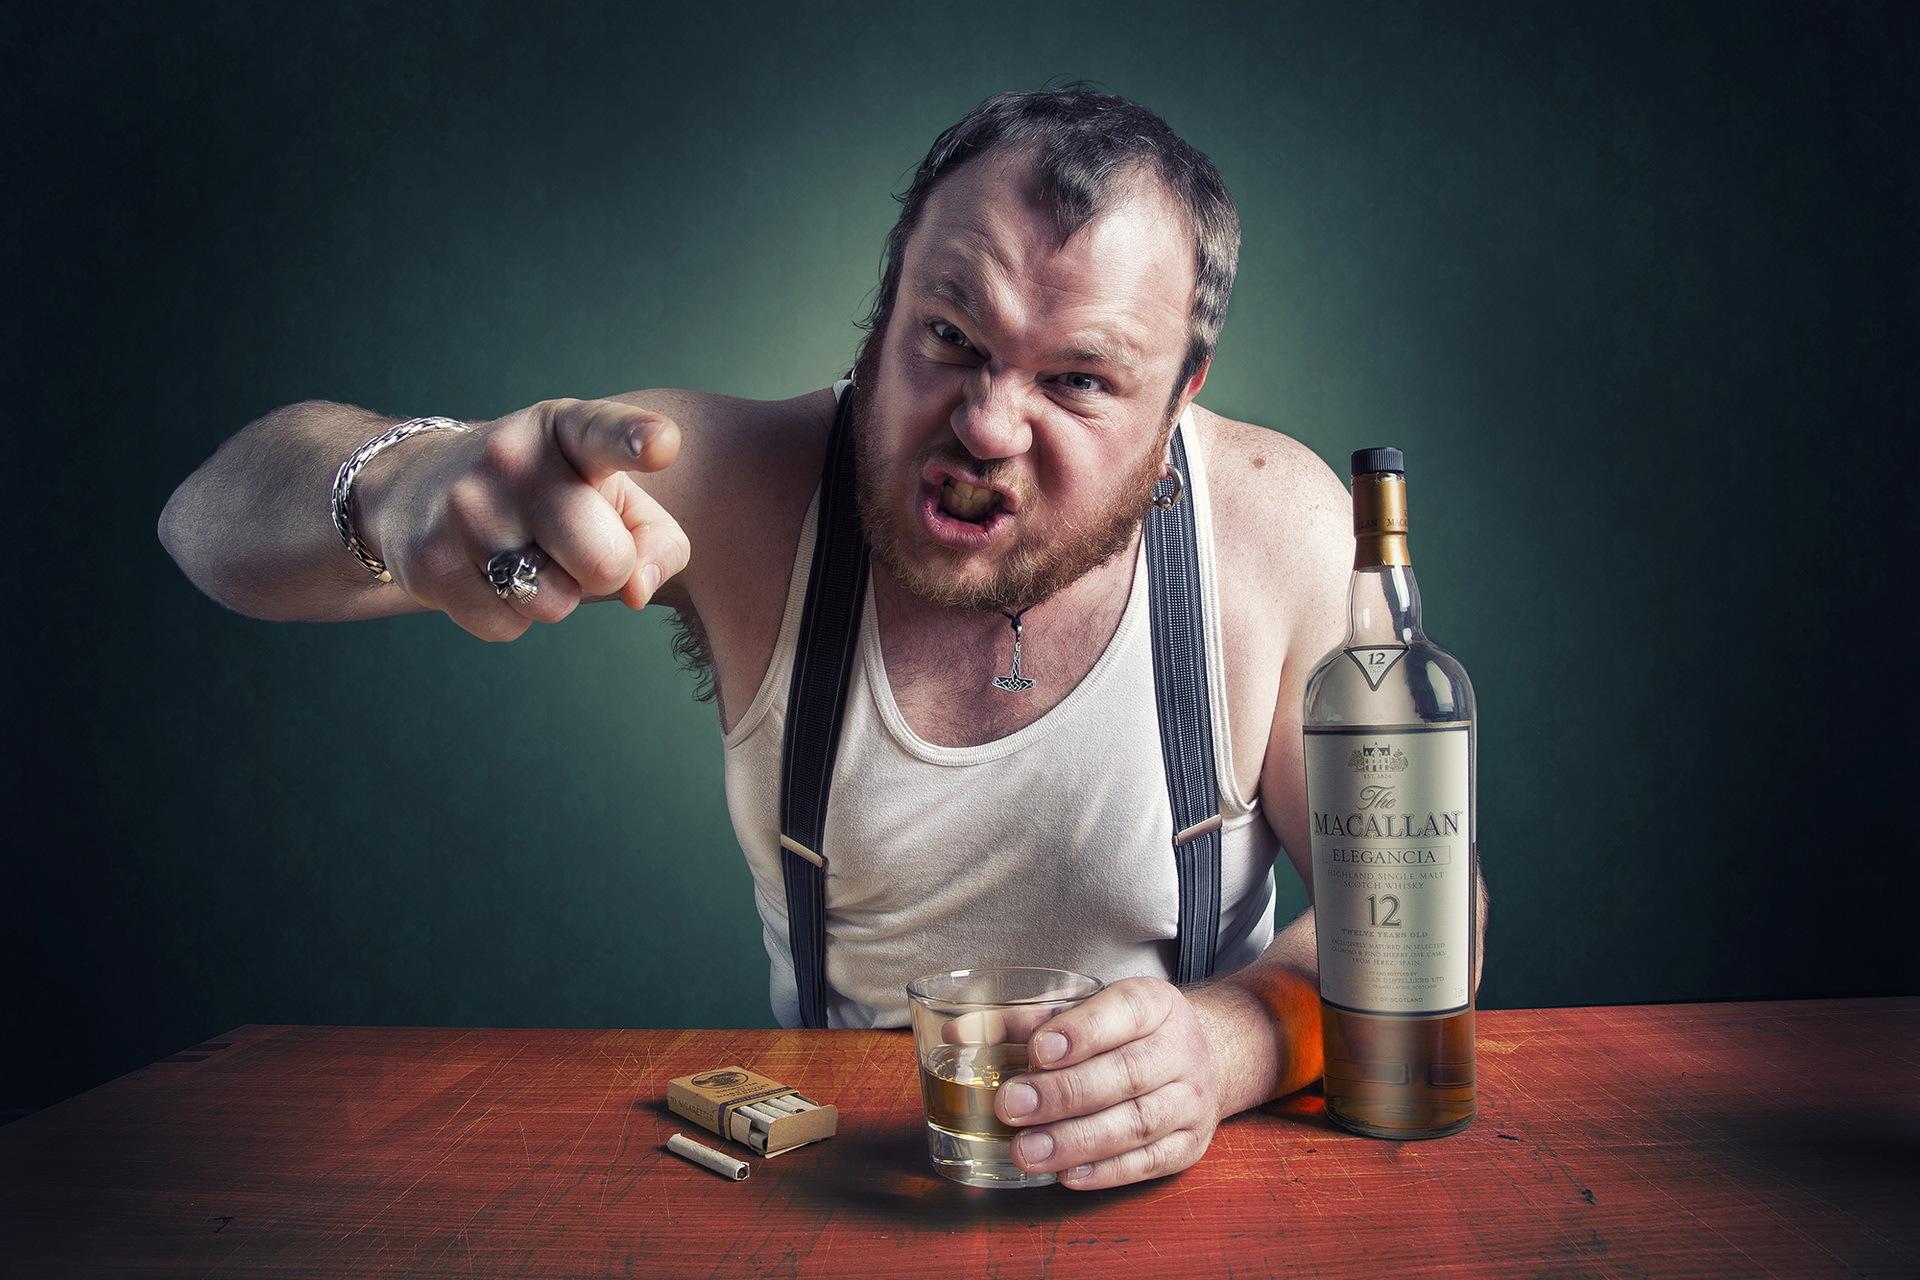 Муж пьяница прикольные картинки